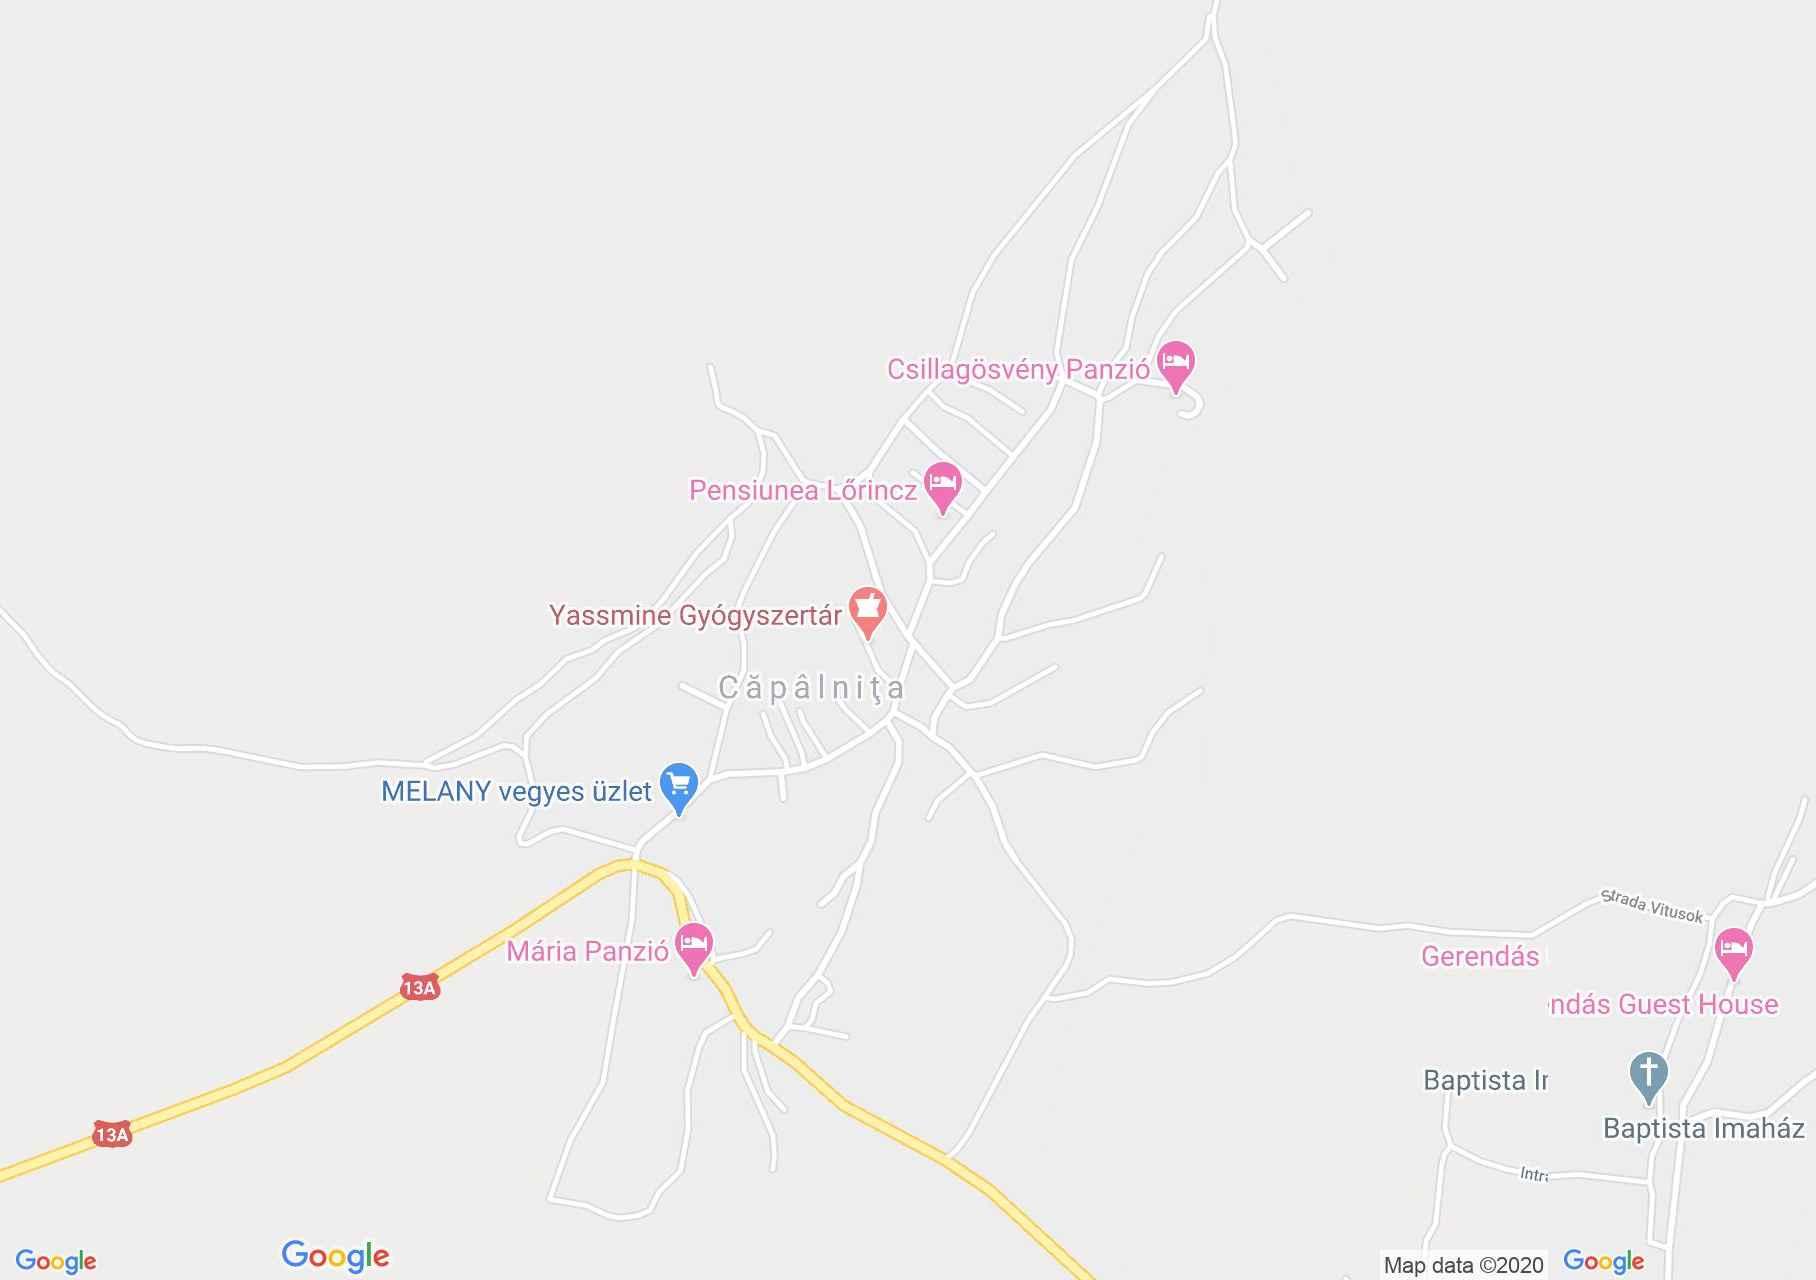 Căpâlniţa, Harta turistică interactivă